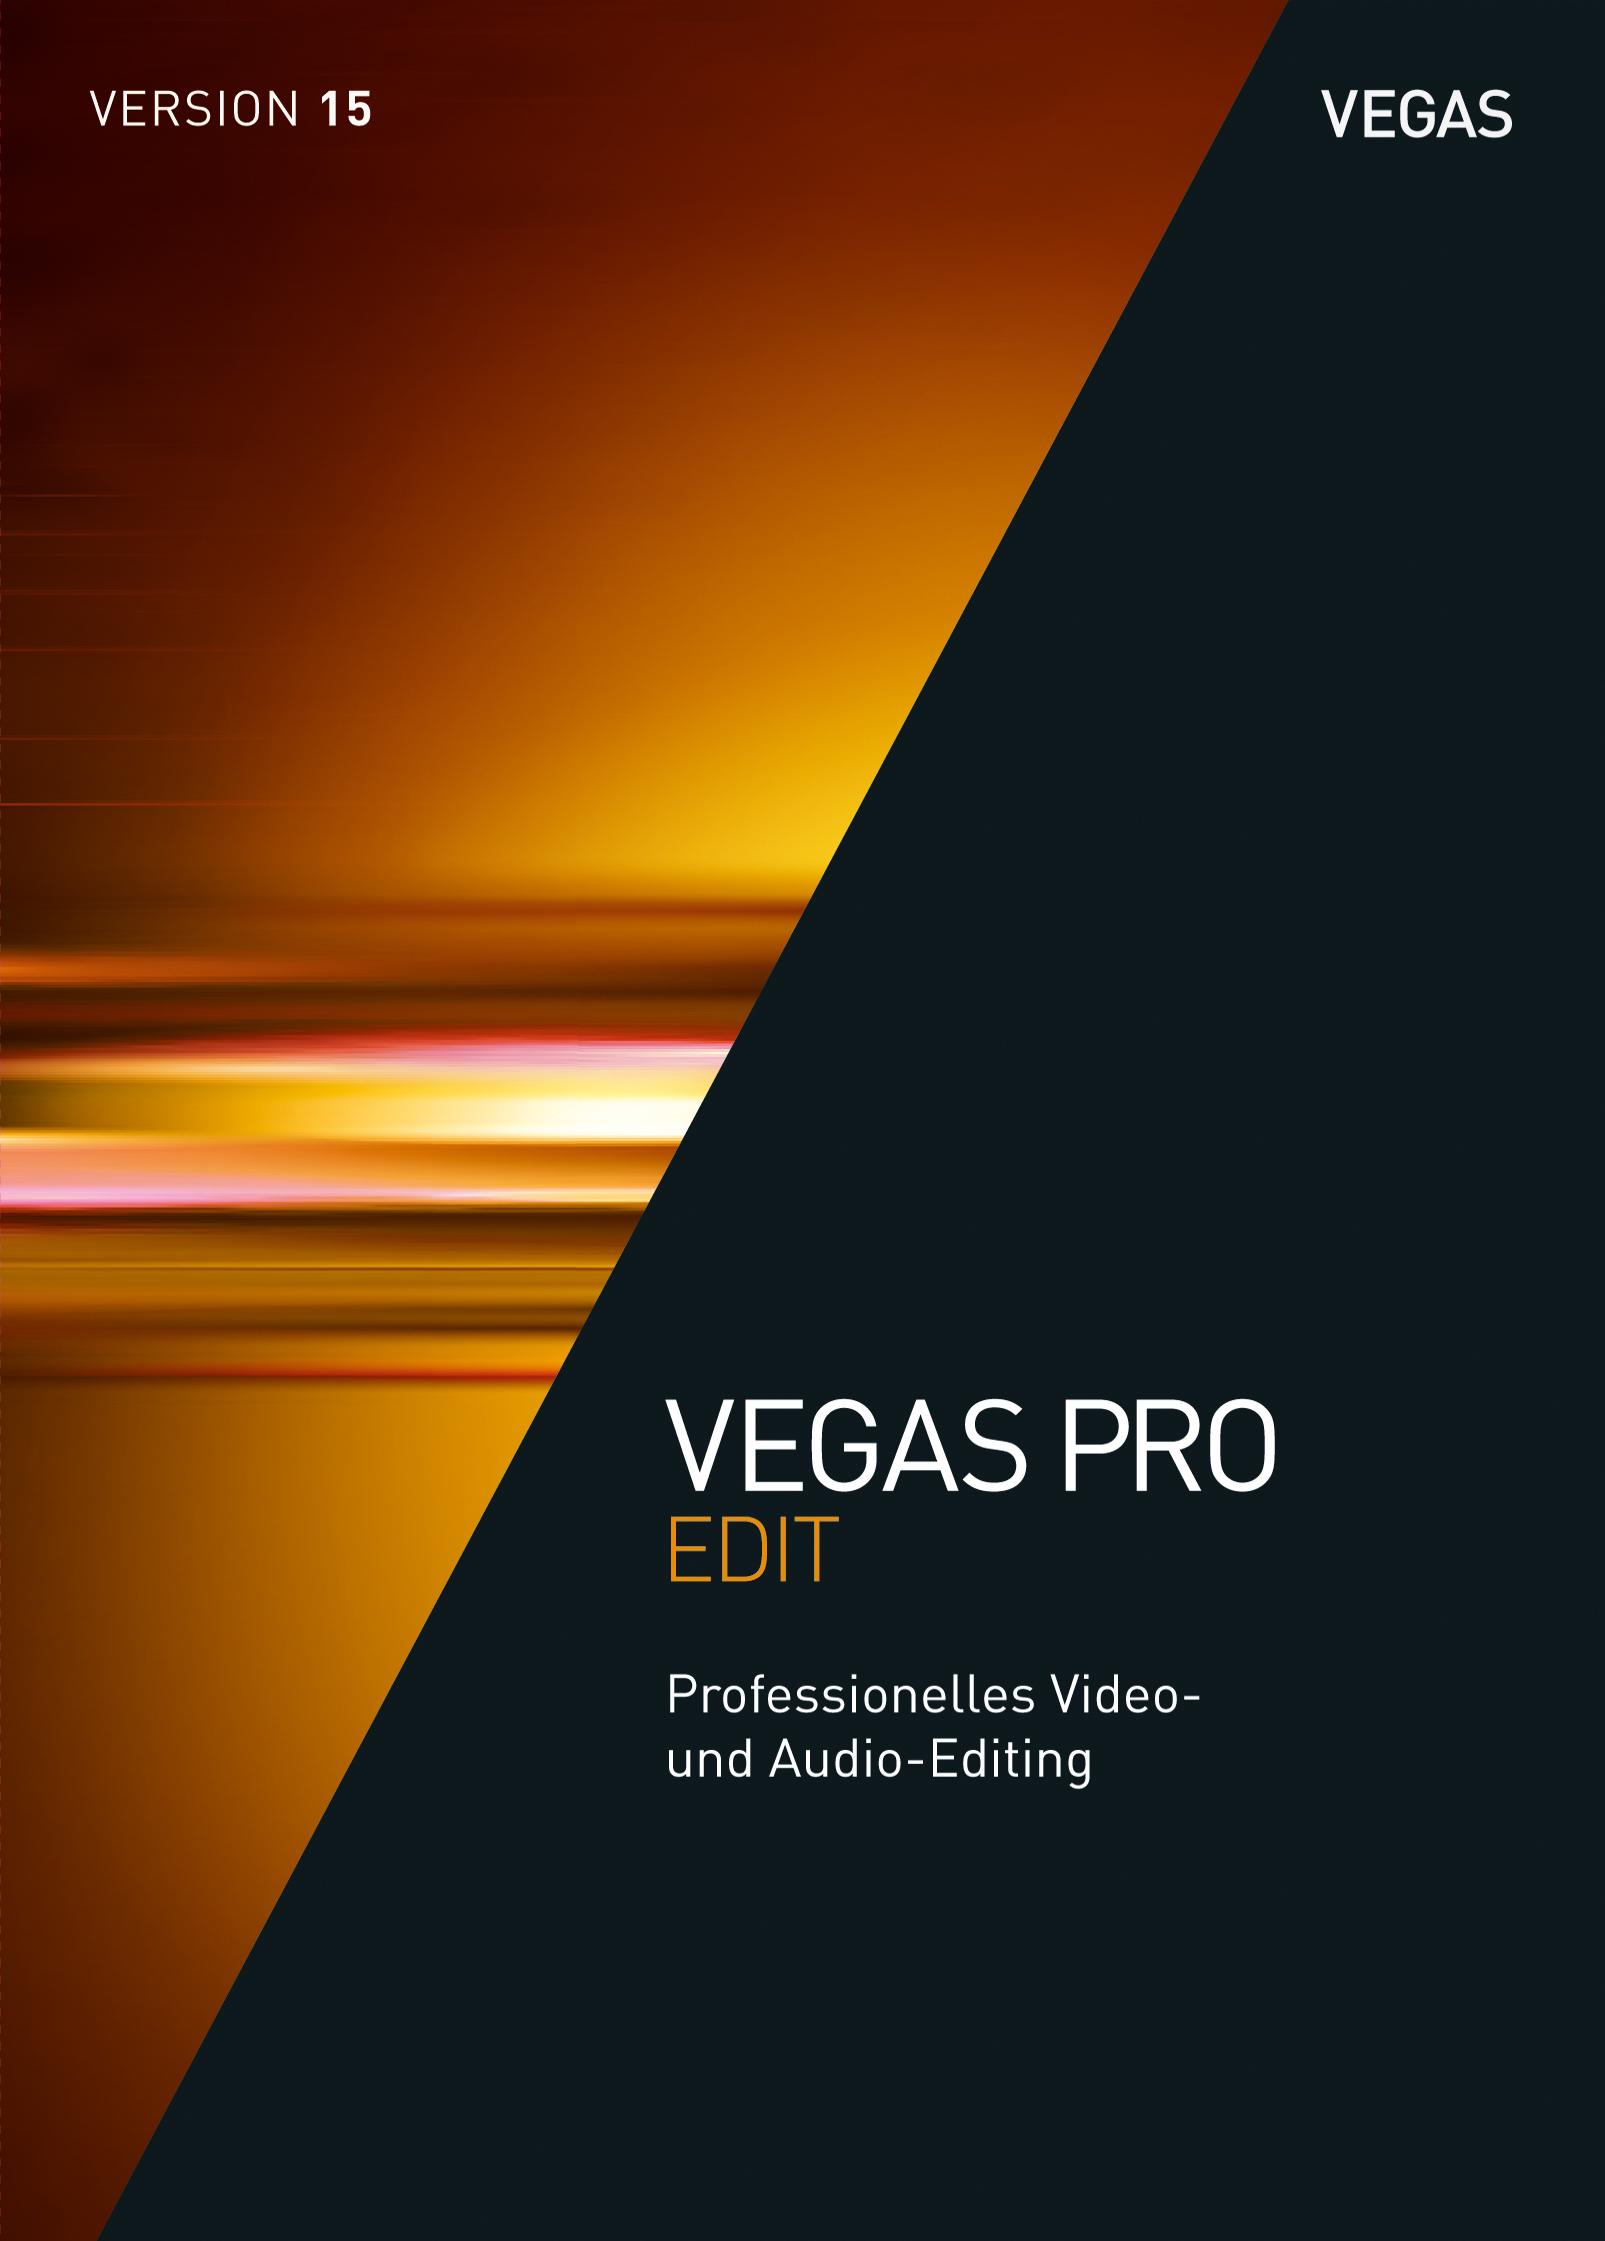 VEGAS Pro 15 EDIT [Download]